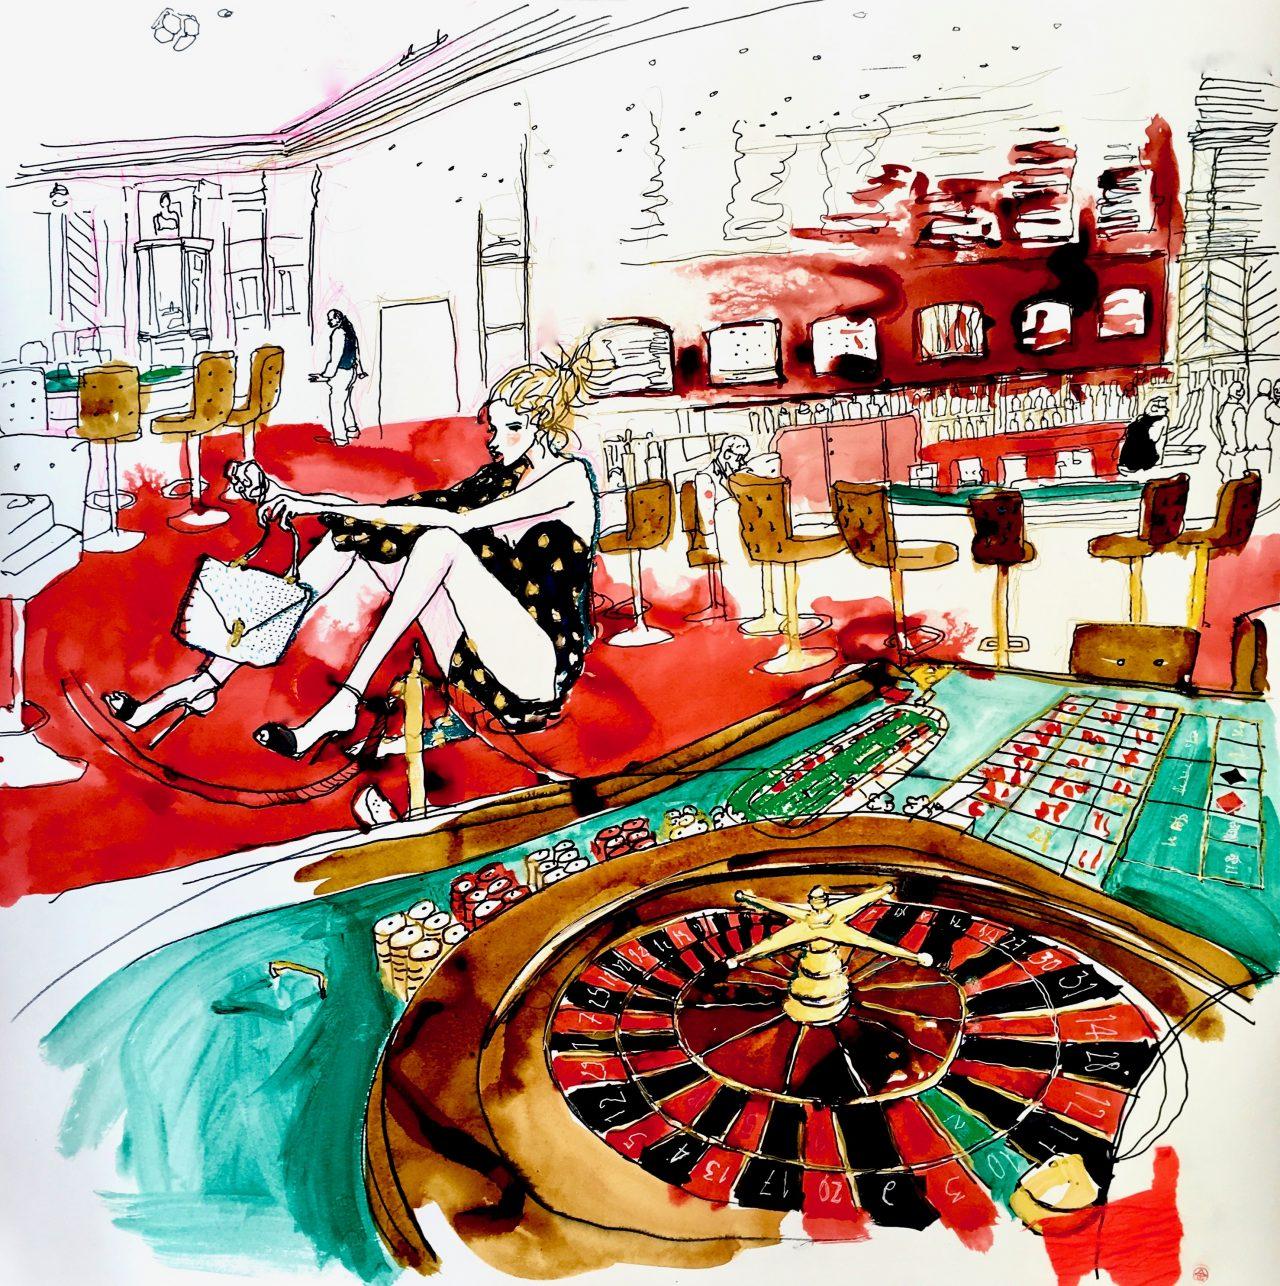 11 Casino roulette, pigments sur toile, 100_100 cm, 2018